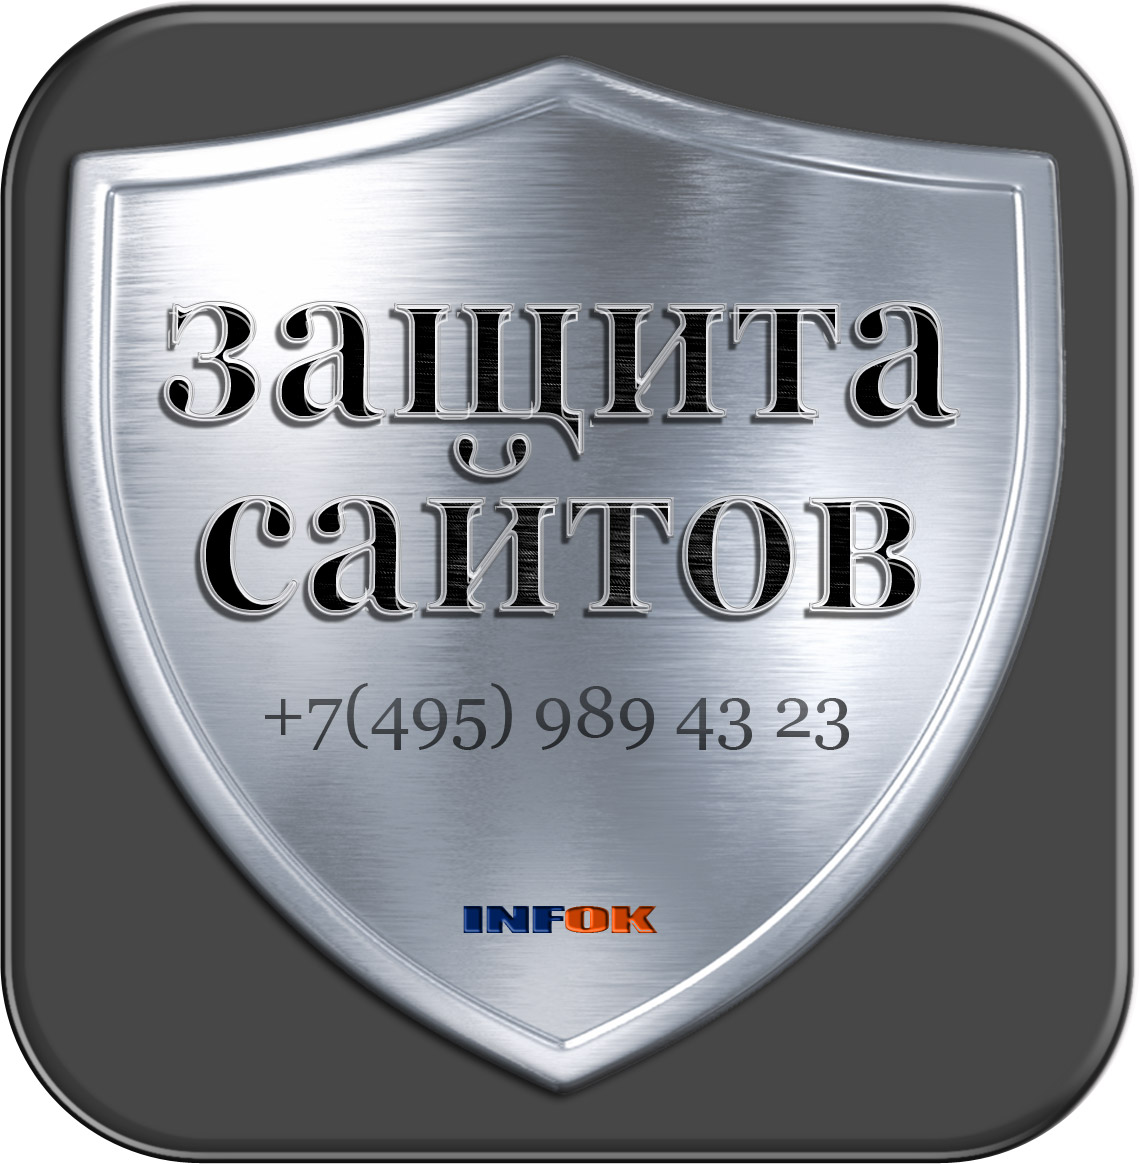 Защита сайта